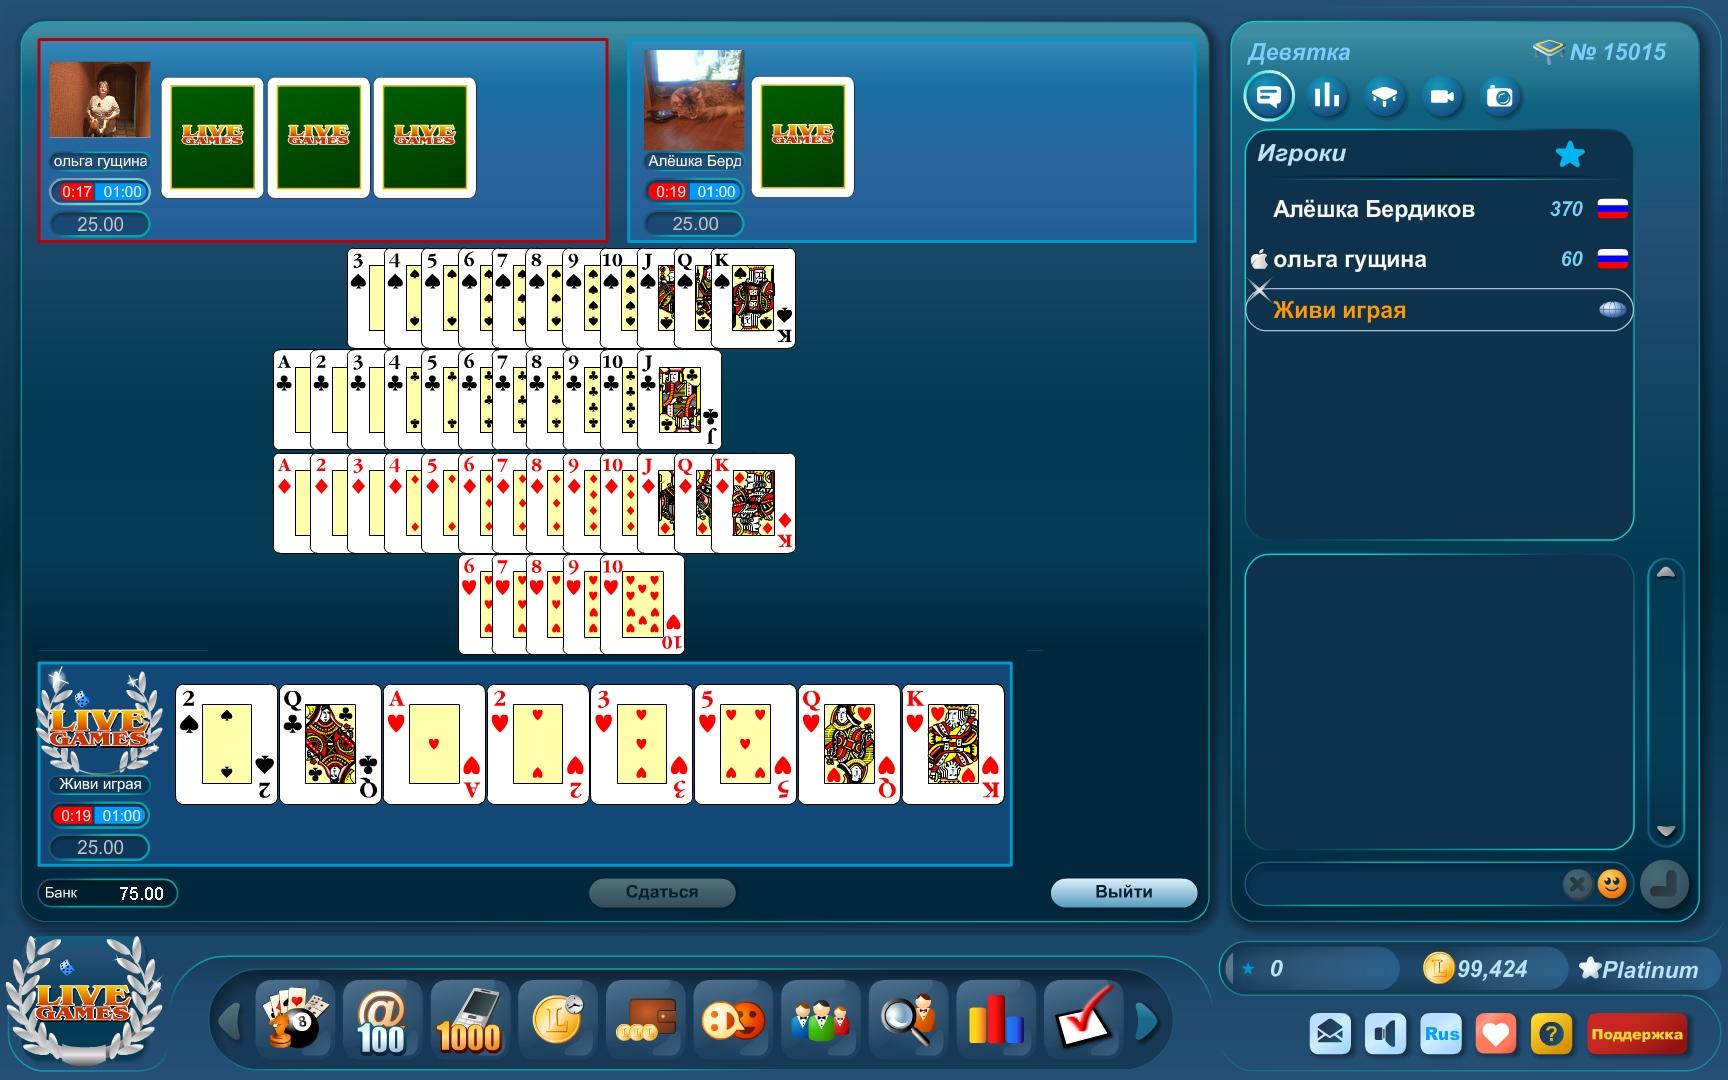 играть карты правила девятка